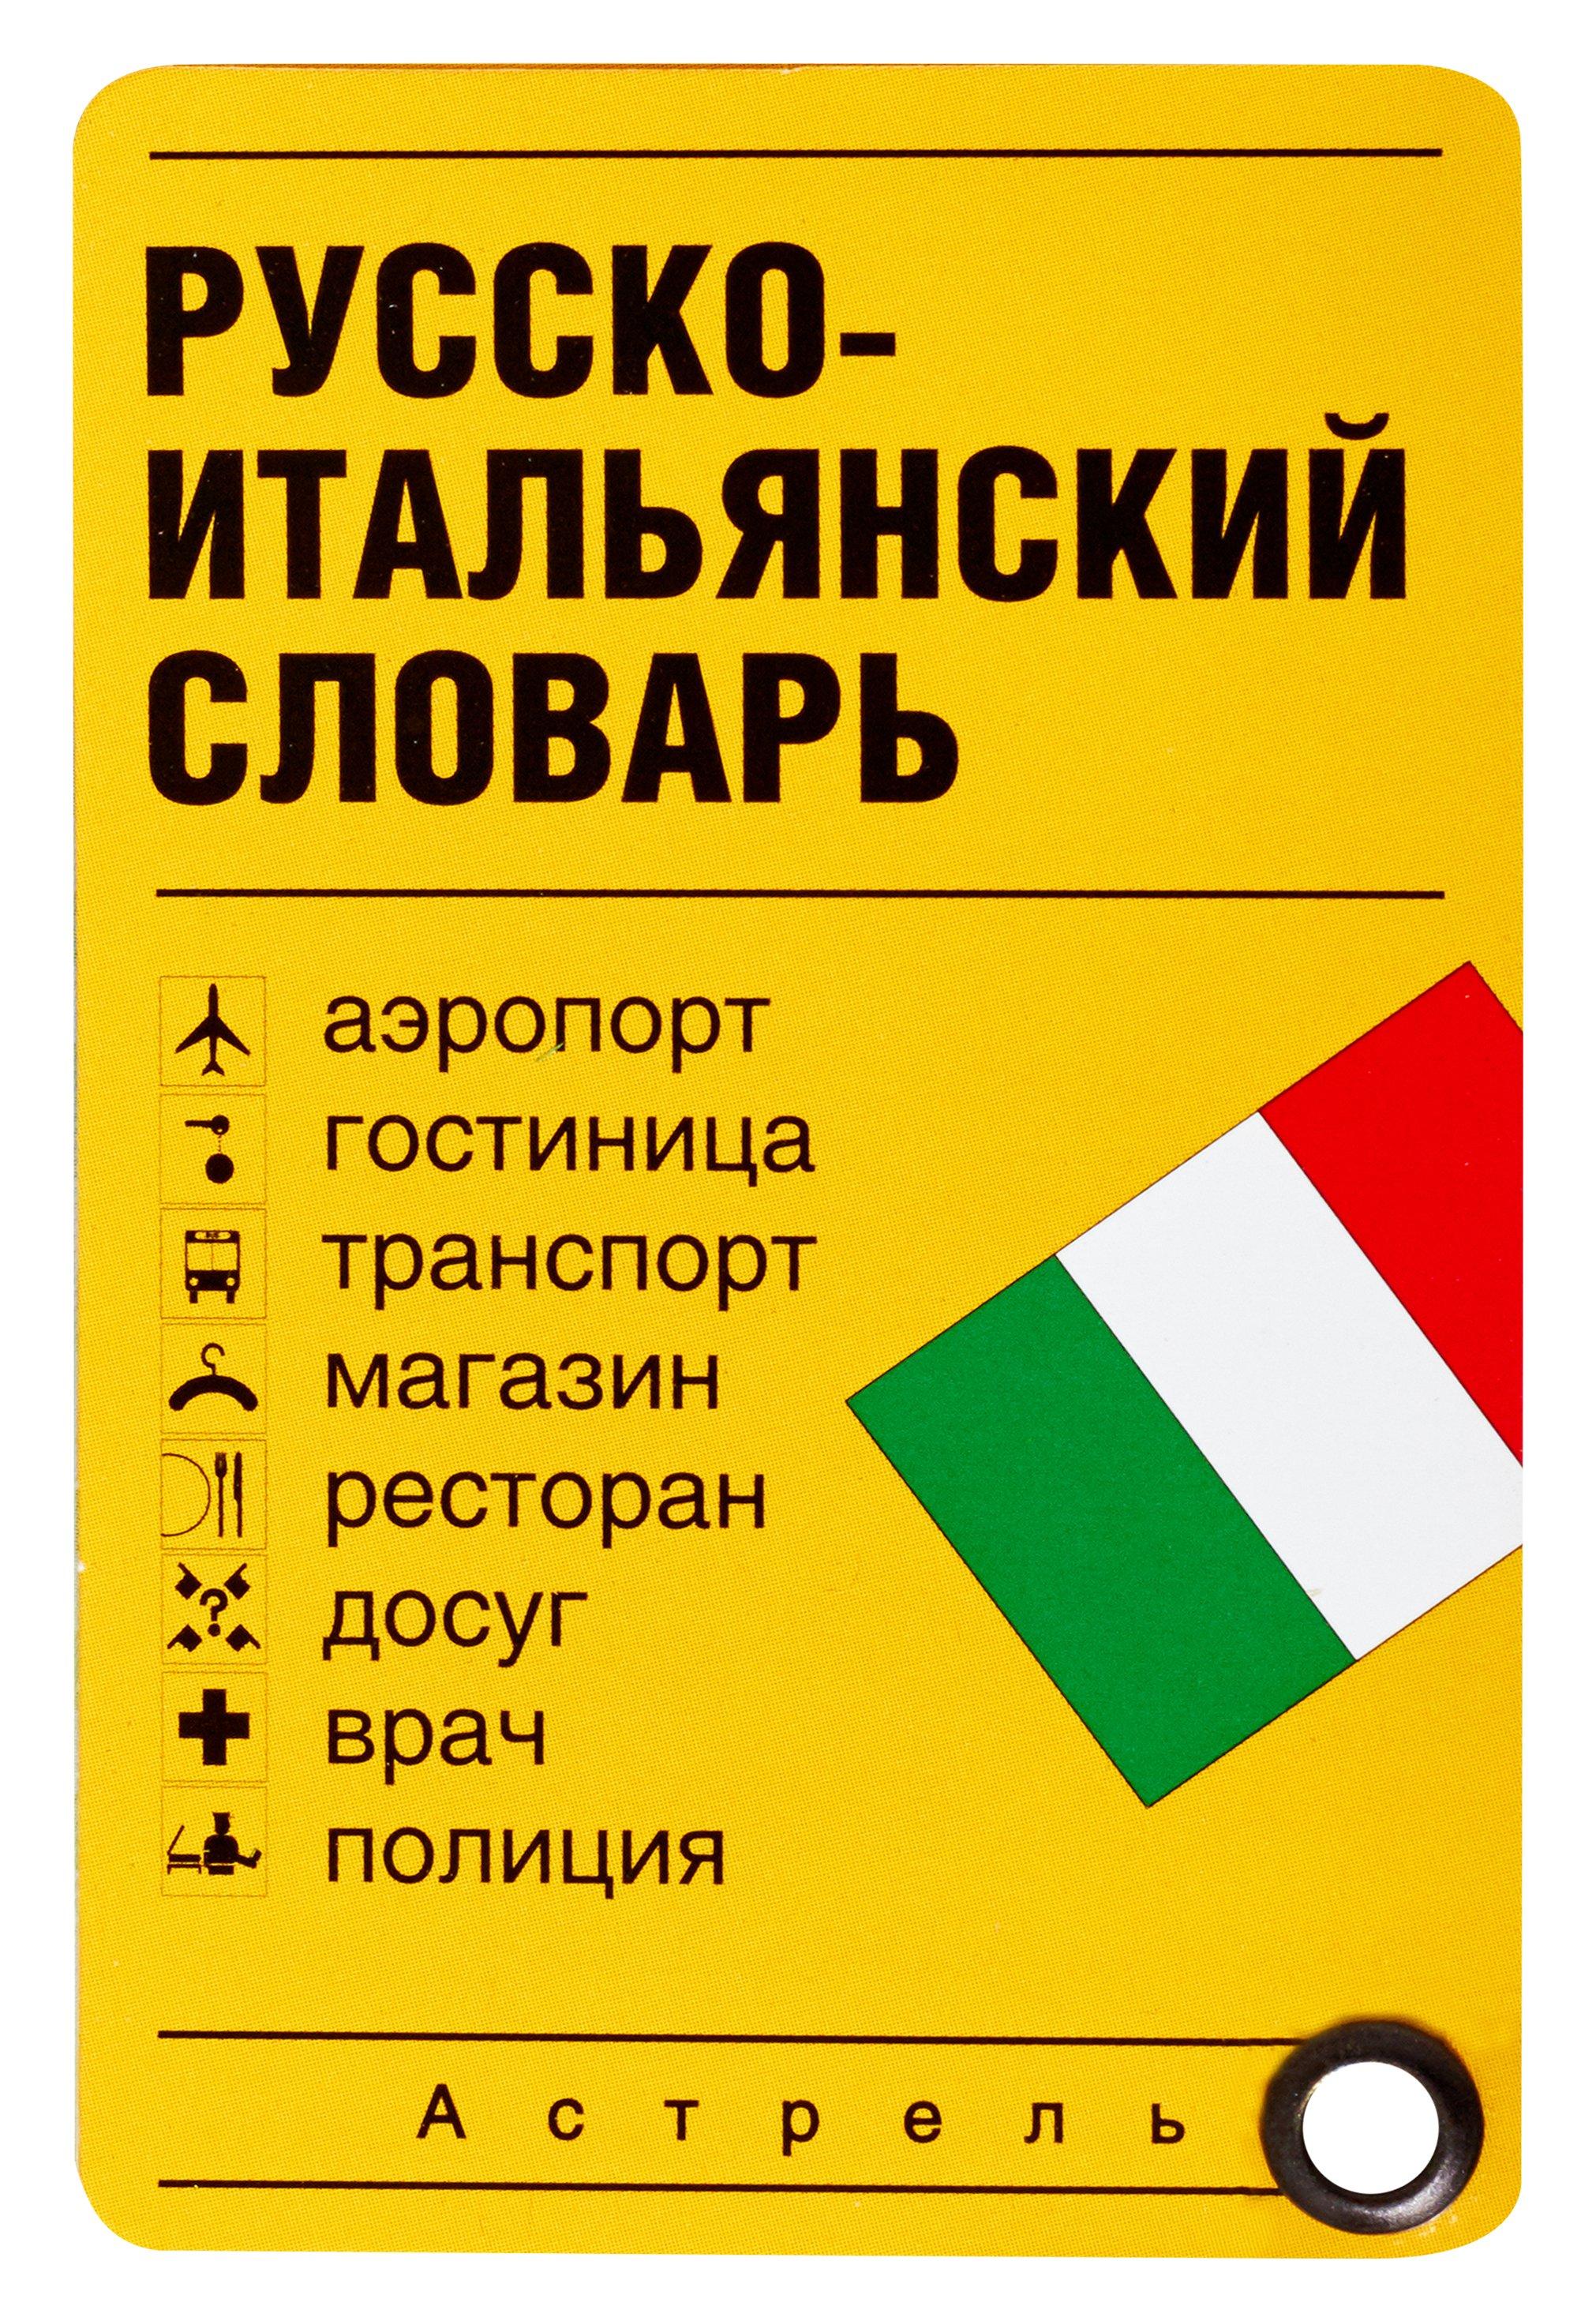 Зорько Герман Федорович Русско-итальянский словарь